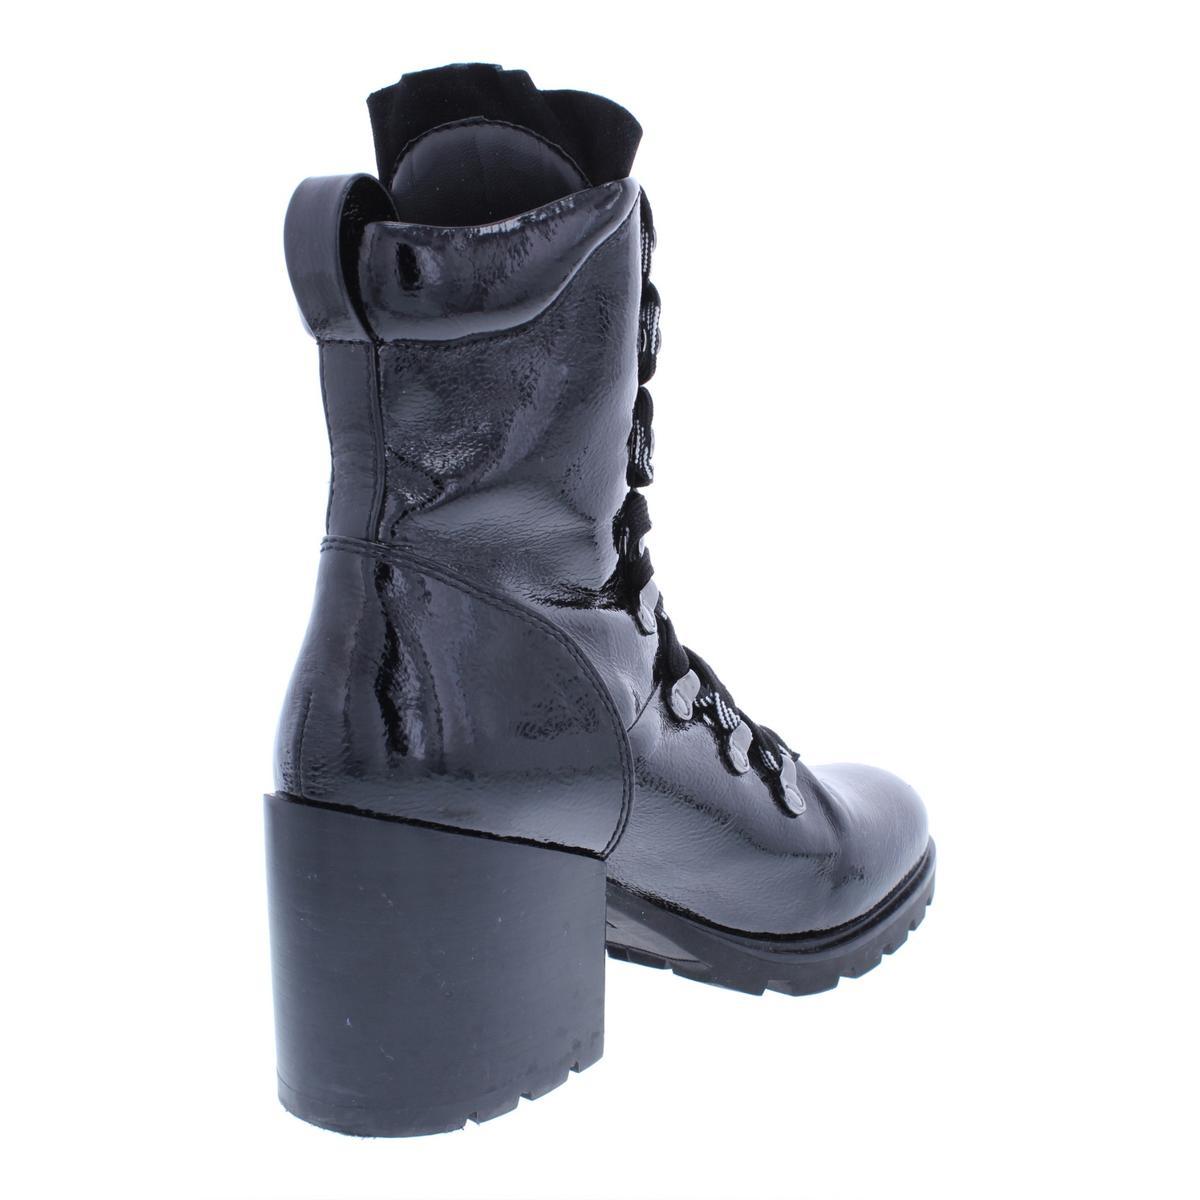 310e573849411 Kendall + Kylie Womens Spencer4 Black Combat Boots 10 Medium (B,M ...